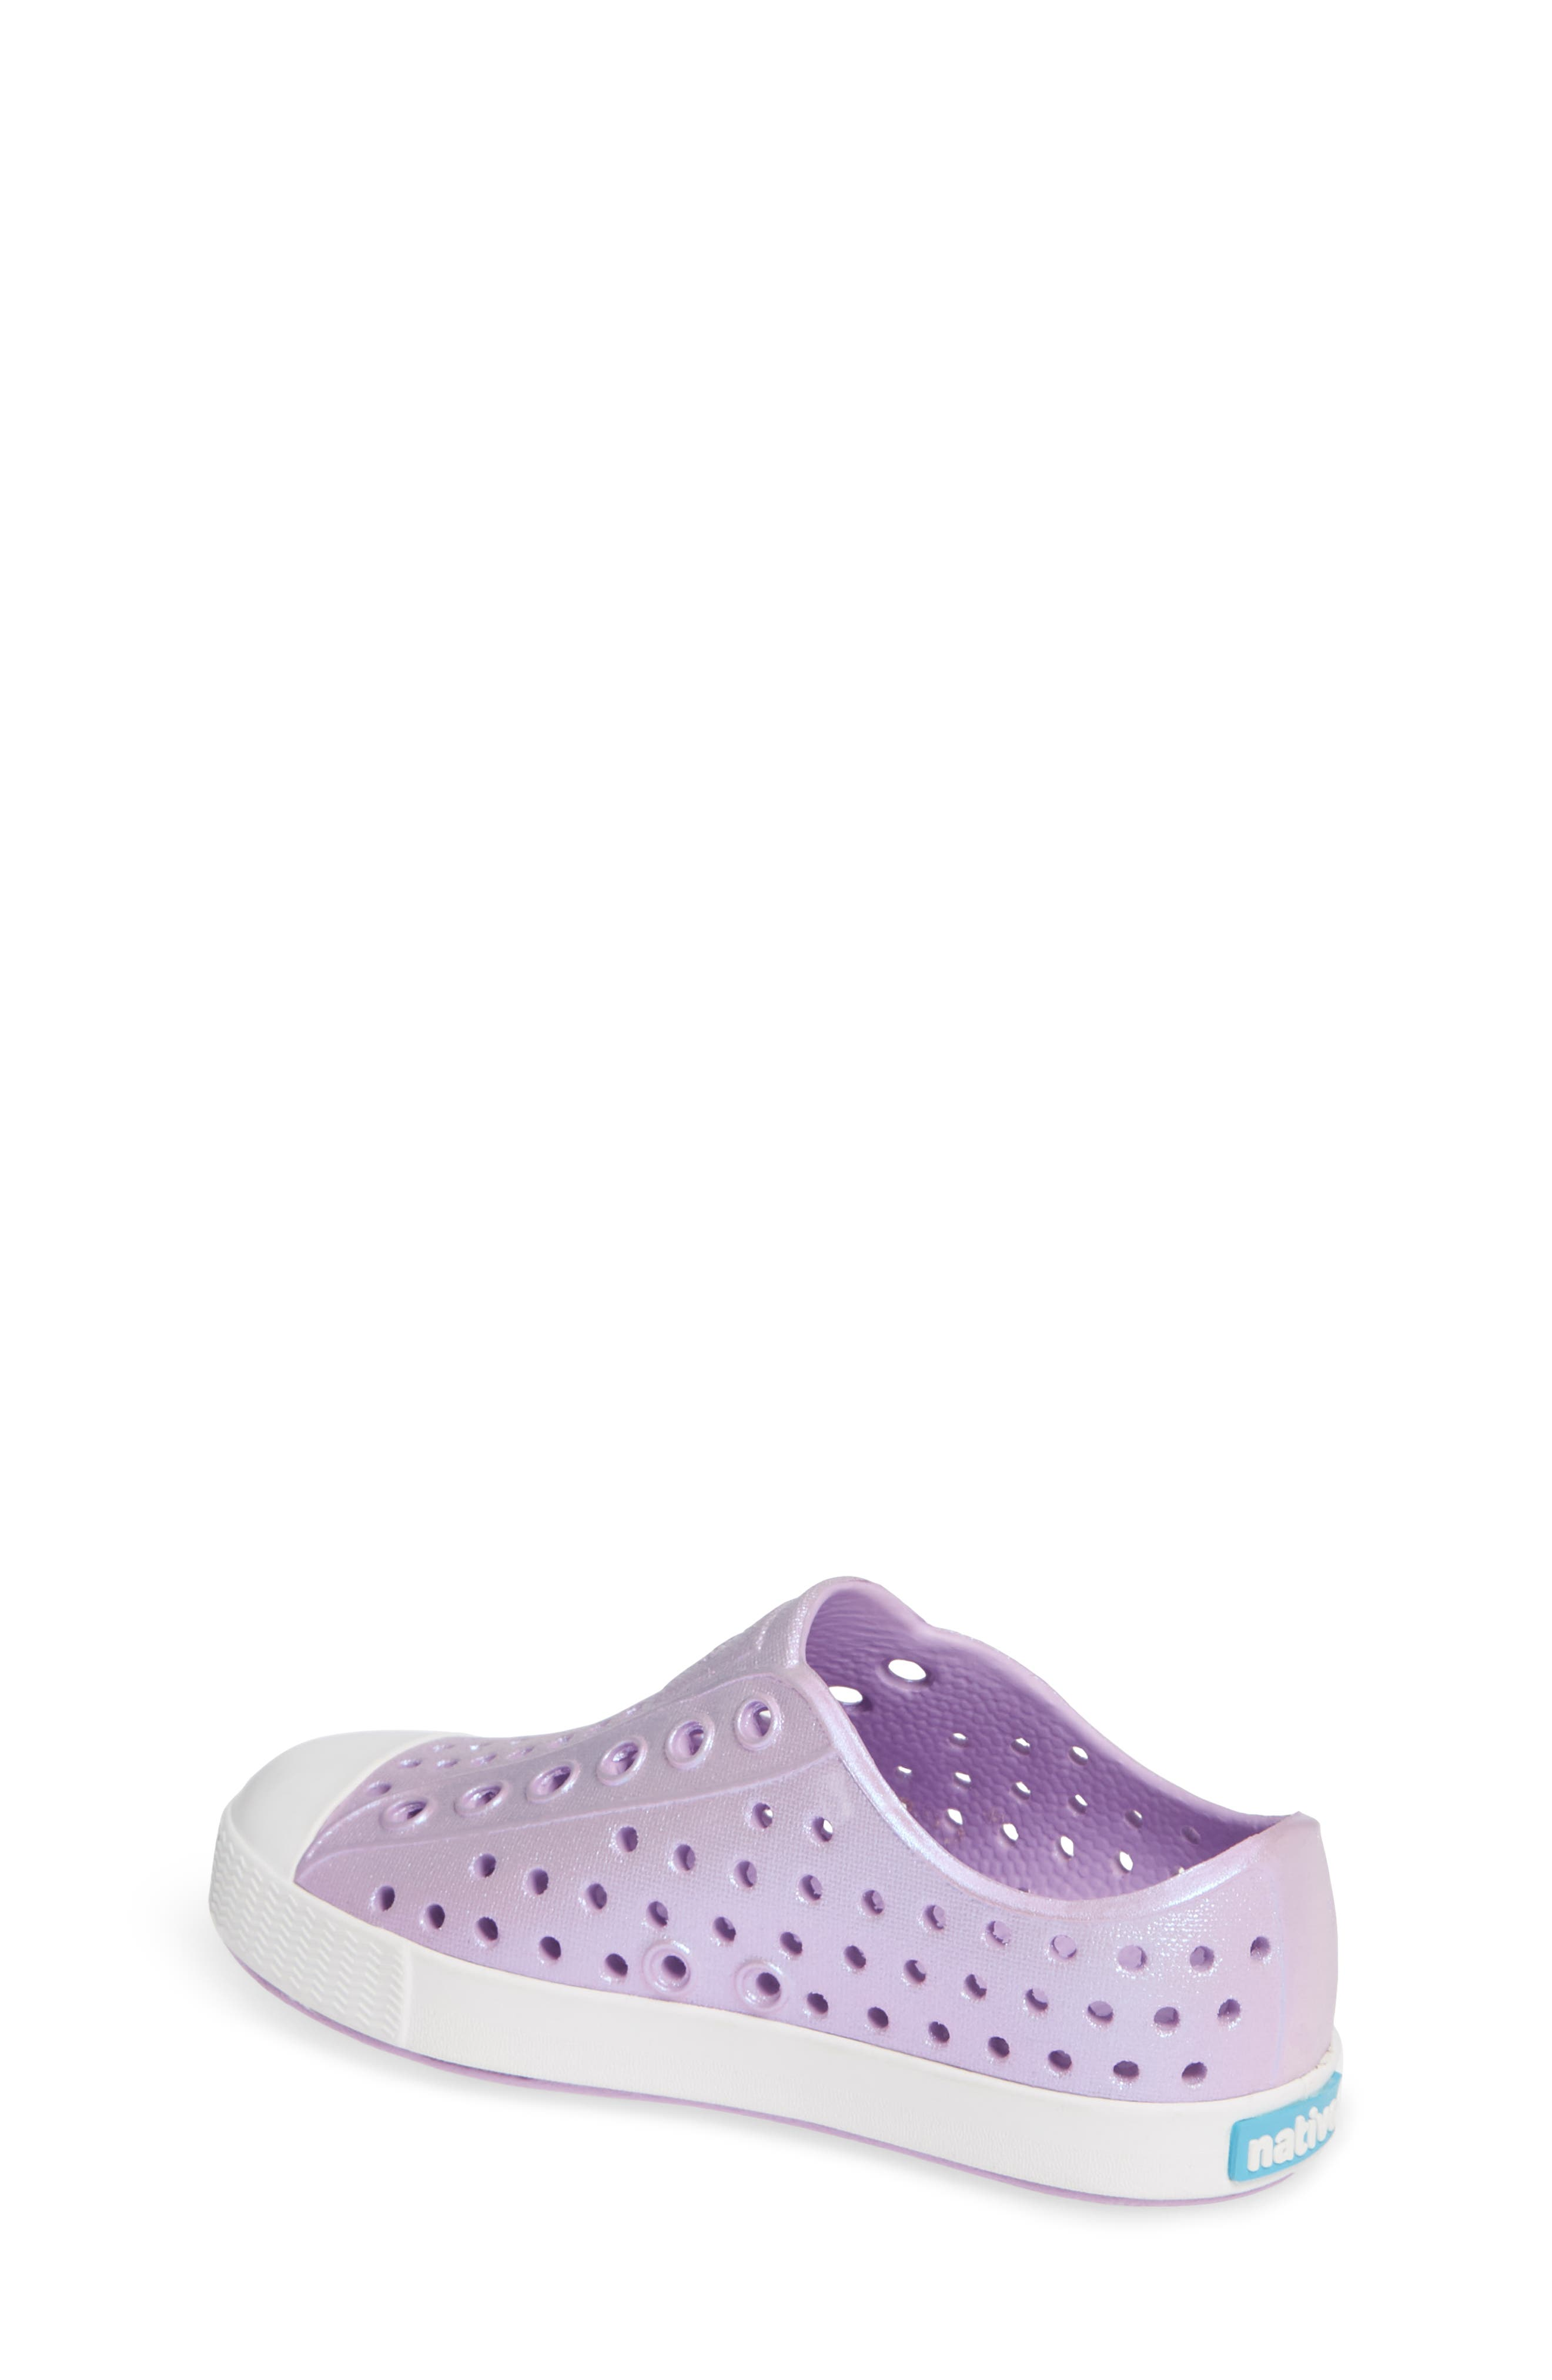 16bb0015671e Native Shoes